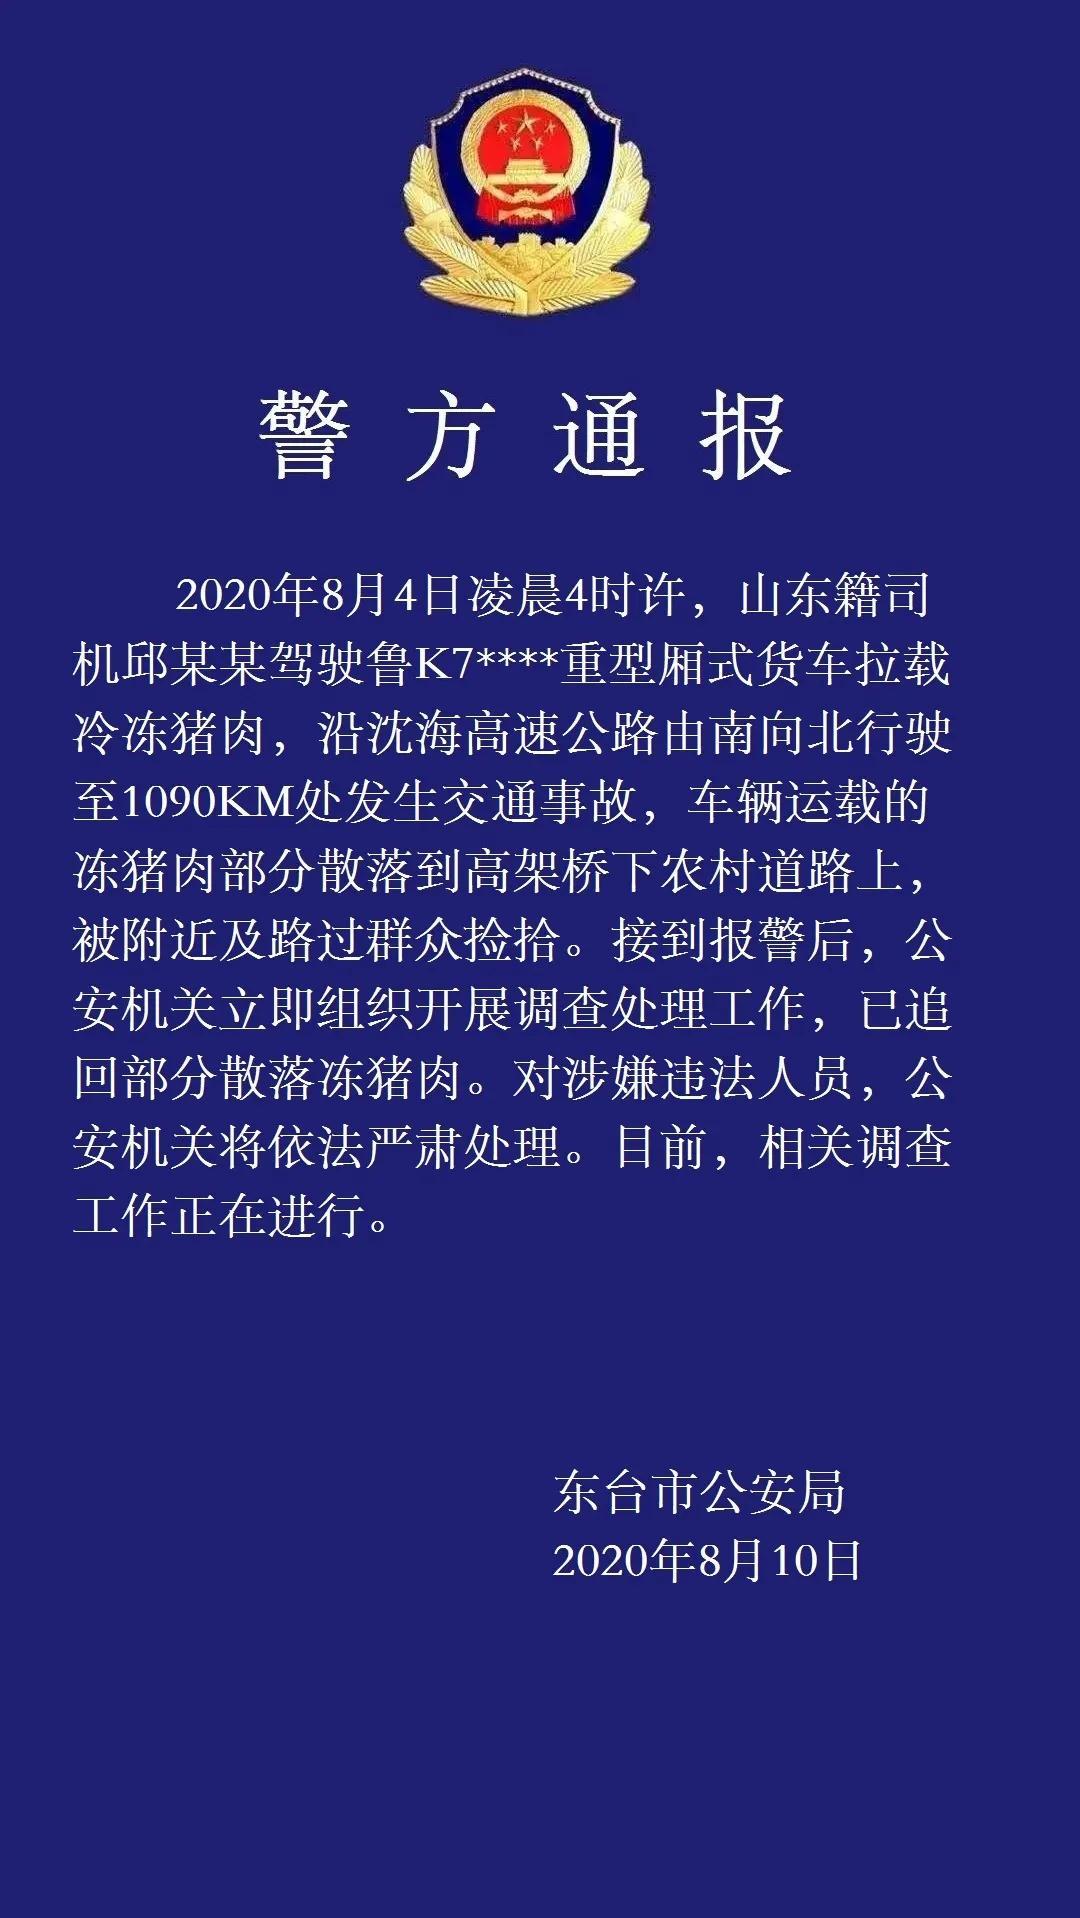 """江苏东台警方通报""""事故后7吨猪肉遭哄抢"""":将严肃处理违法者"""